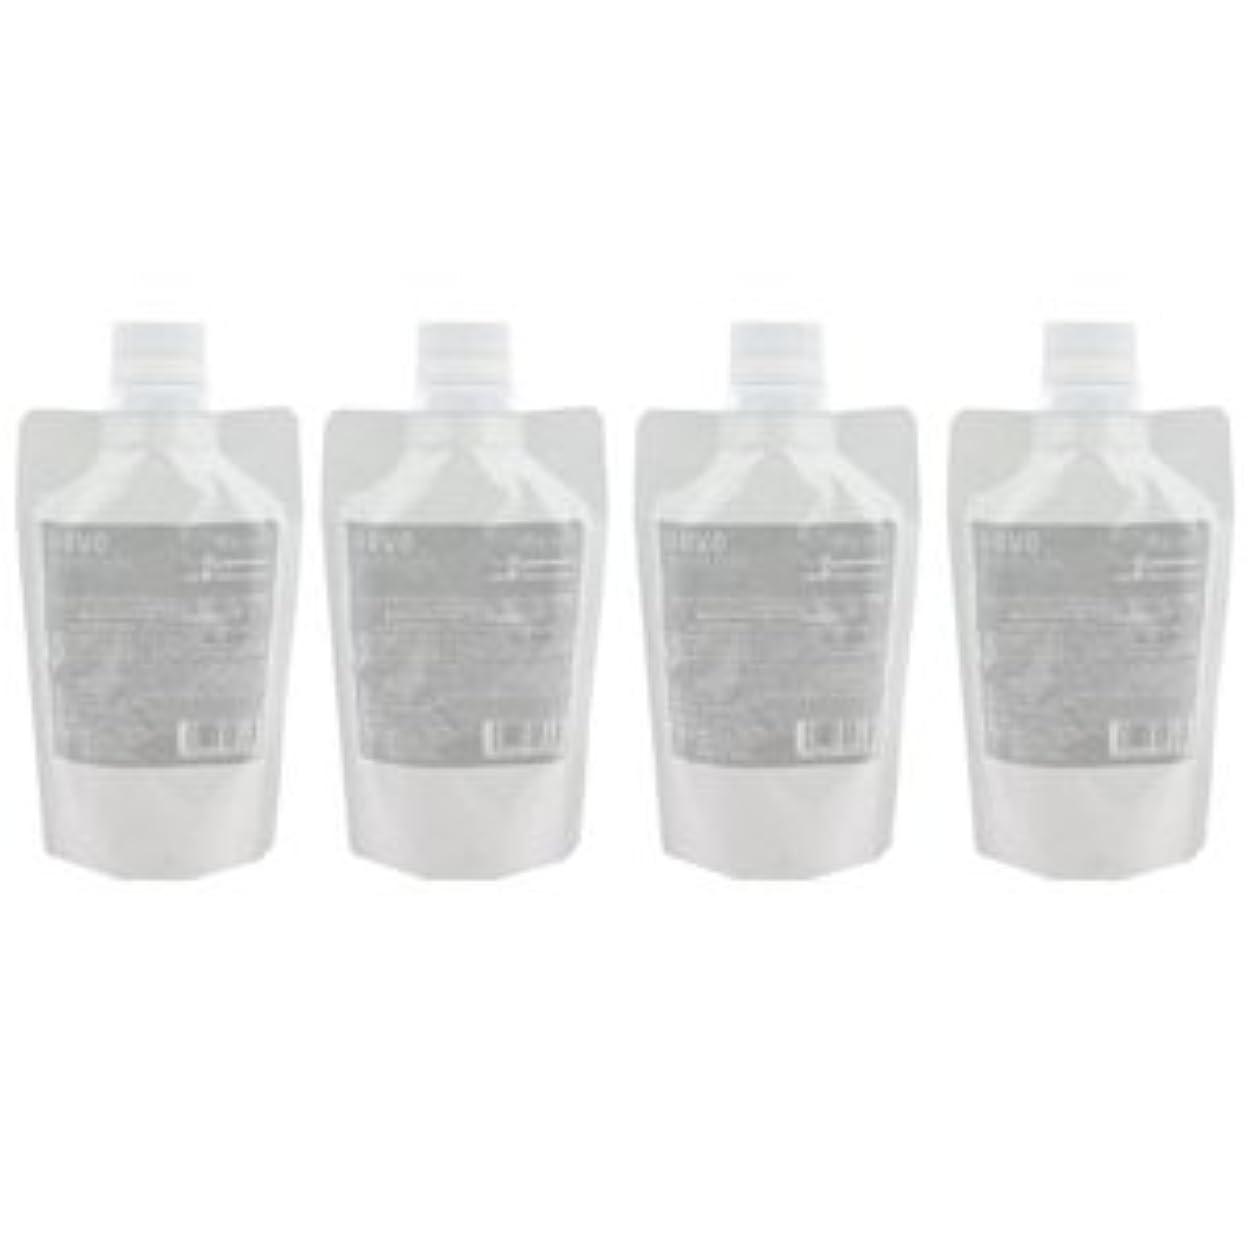 モンキー鬼ごっこスポンジ【X4個セット】 デミ ウェーボ デザインキューブ ドライワックス 200g 業務用 dry wax